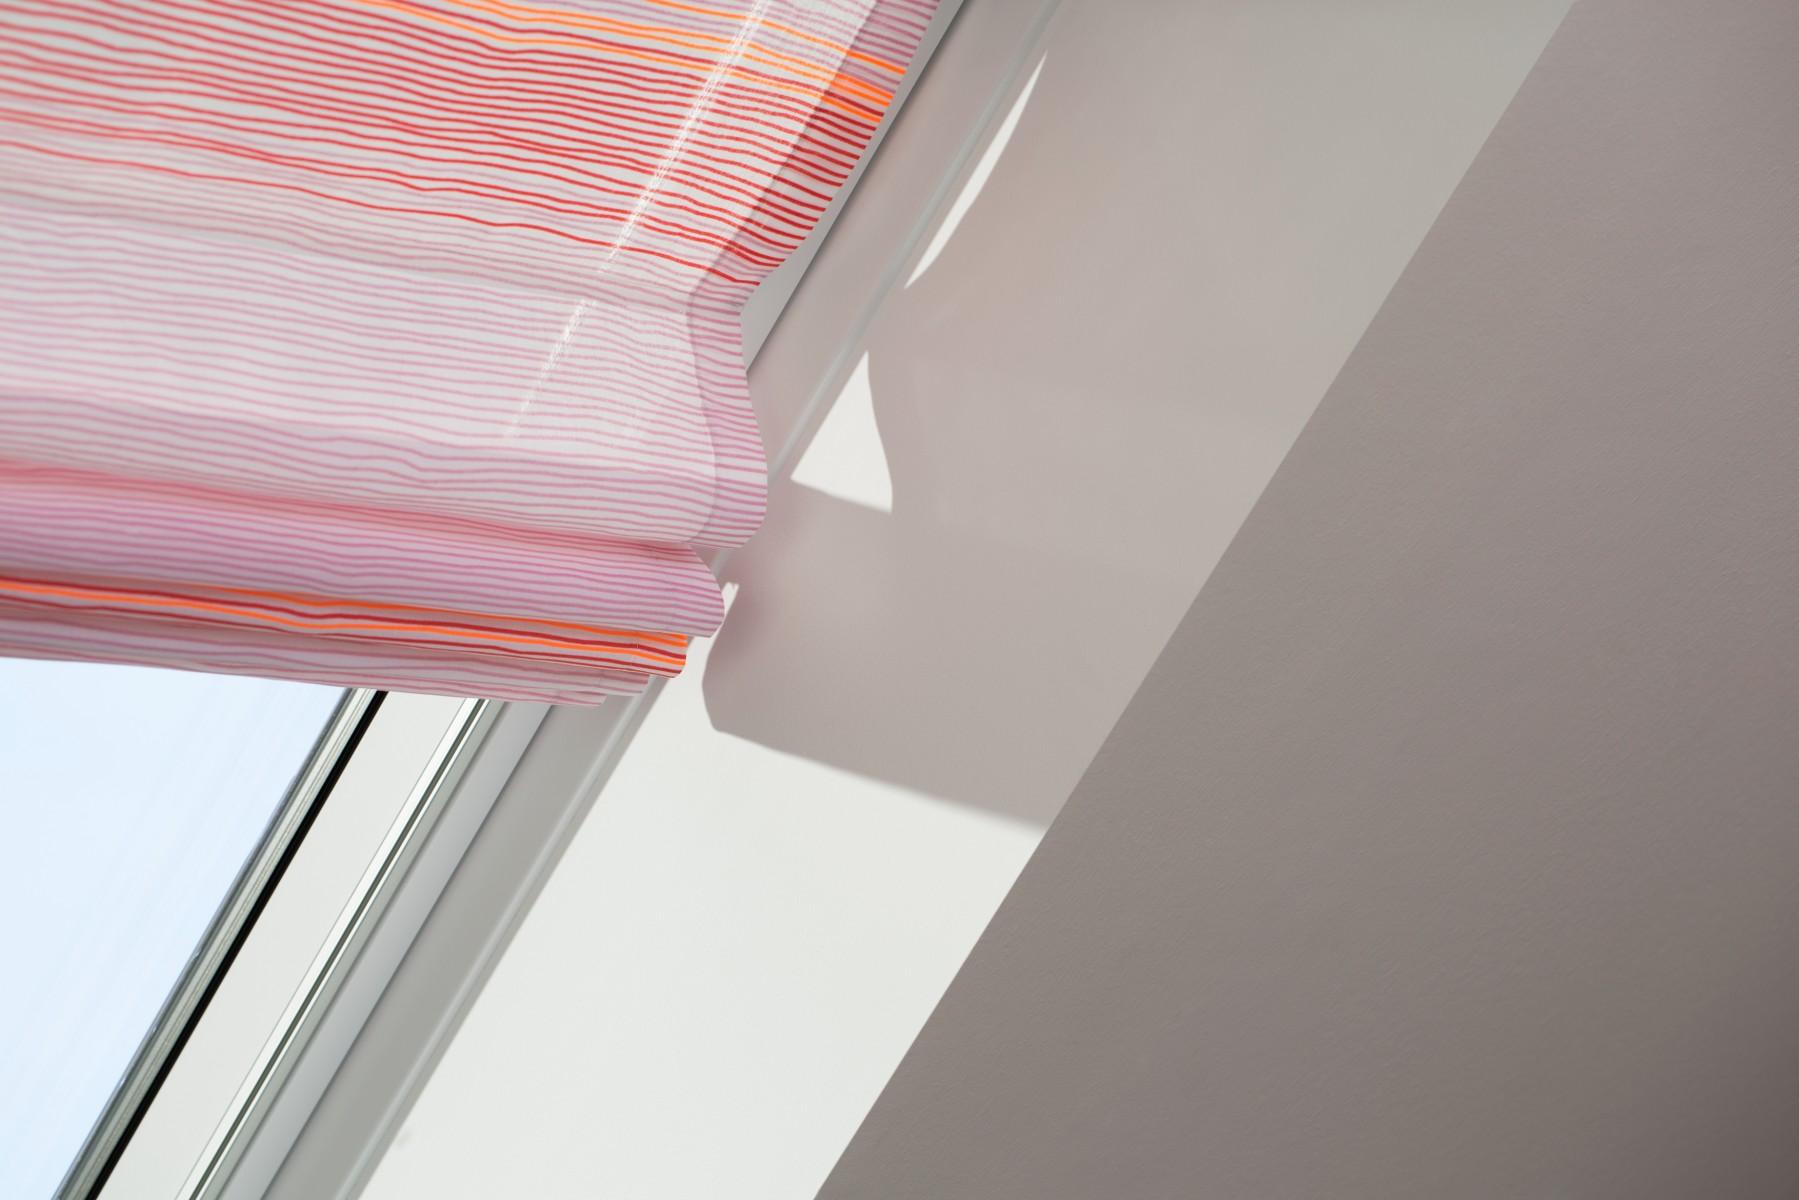 des stores design pour habiller la lumi re et renouveler son int rieur. Black Bedroom Furniture Sets. Home Design Ideas